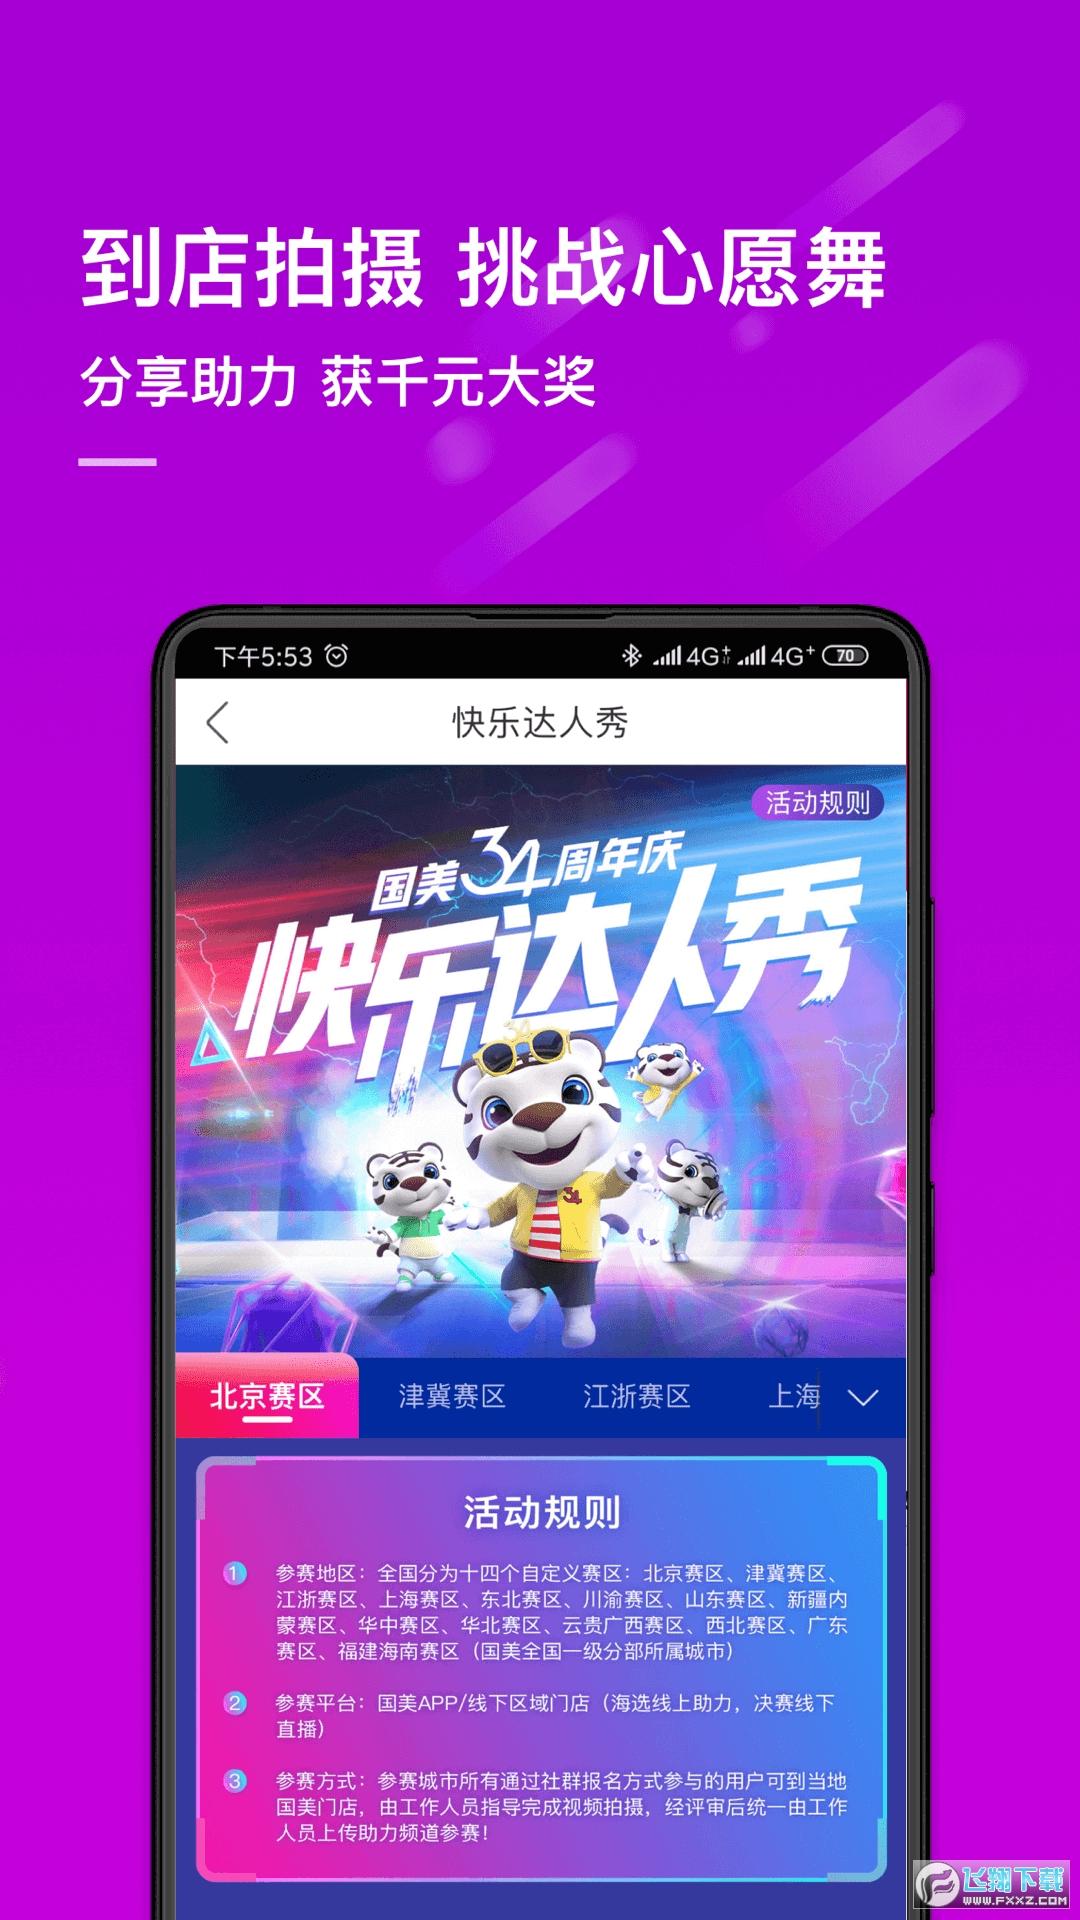 真快乐娱乐社交购物appv8.0.0安卓版截图3